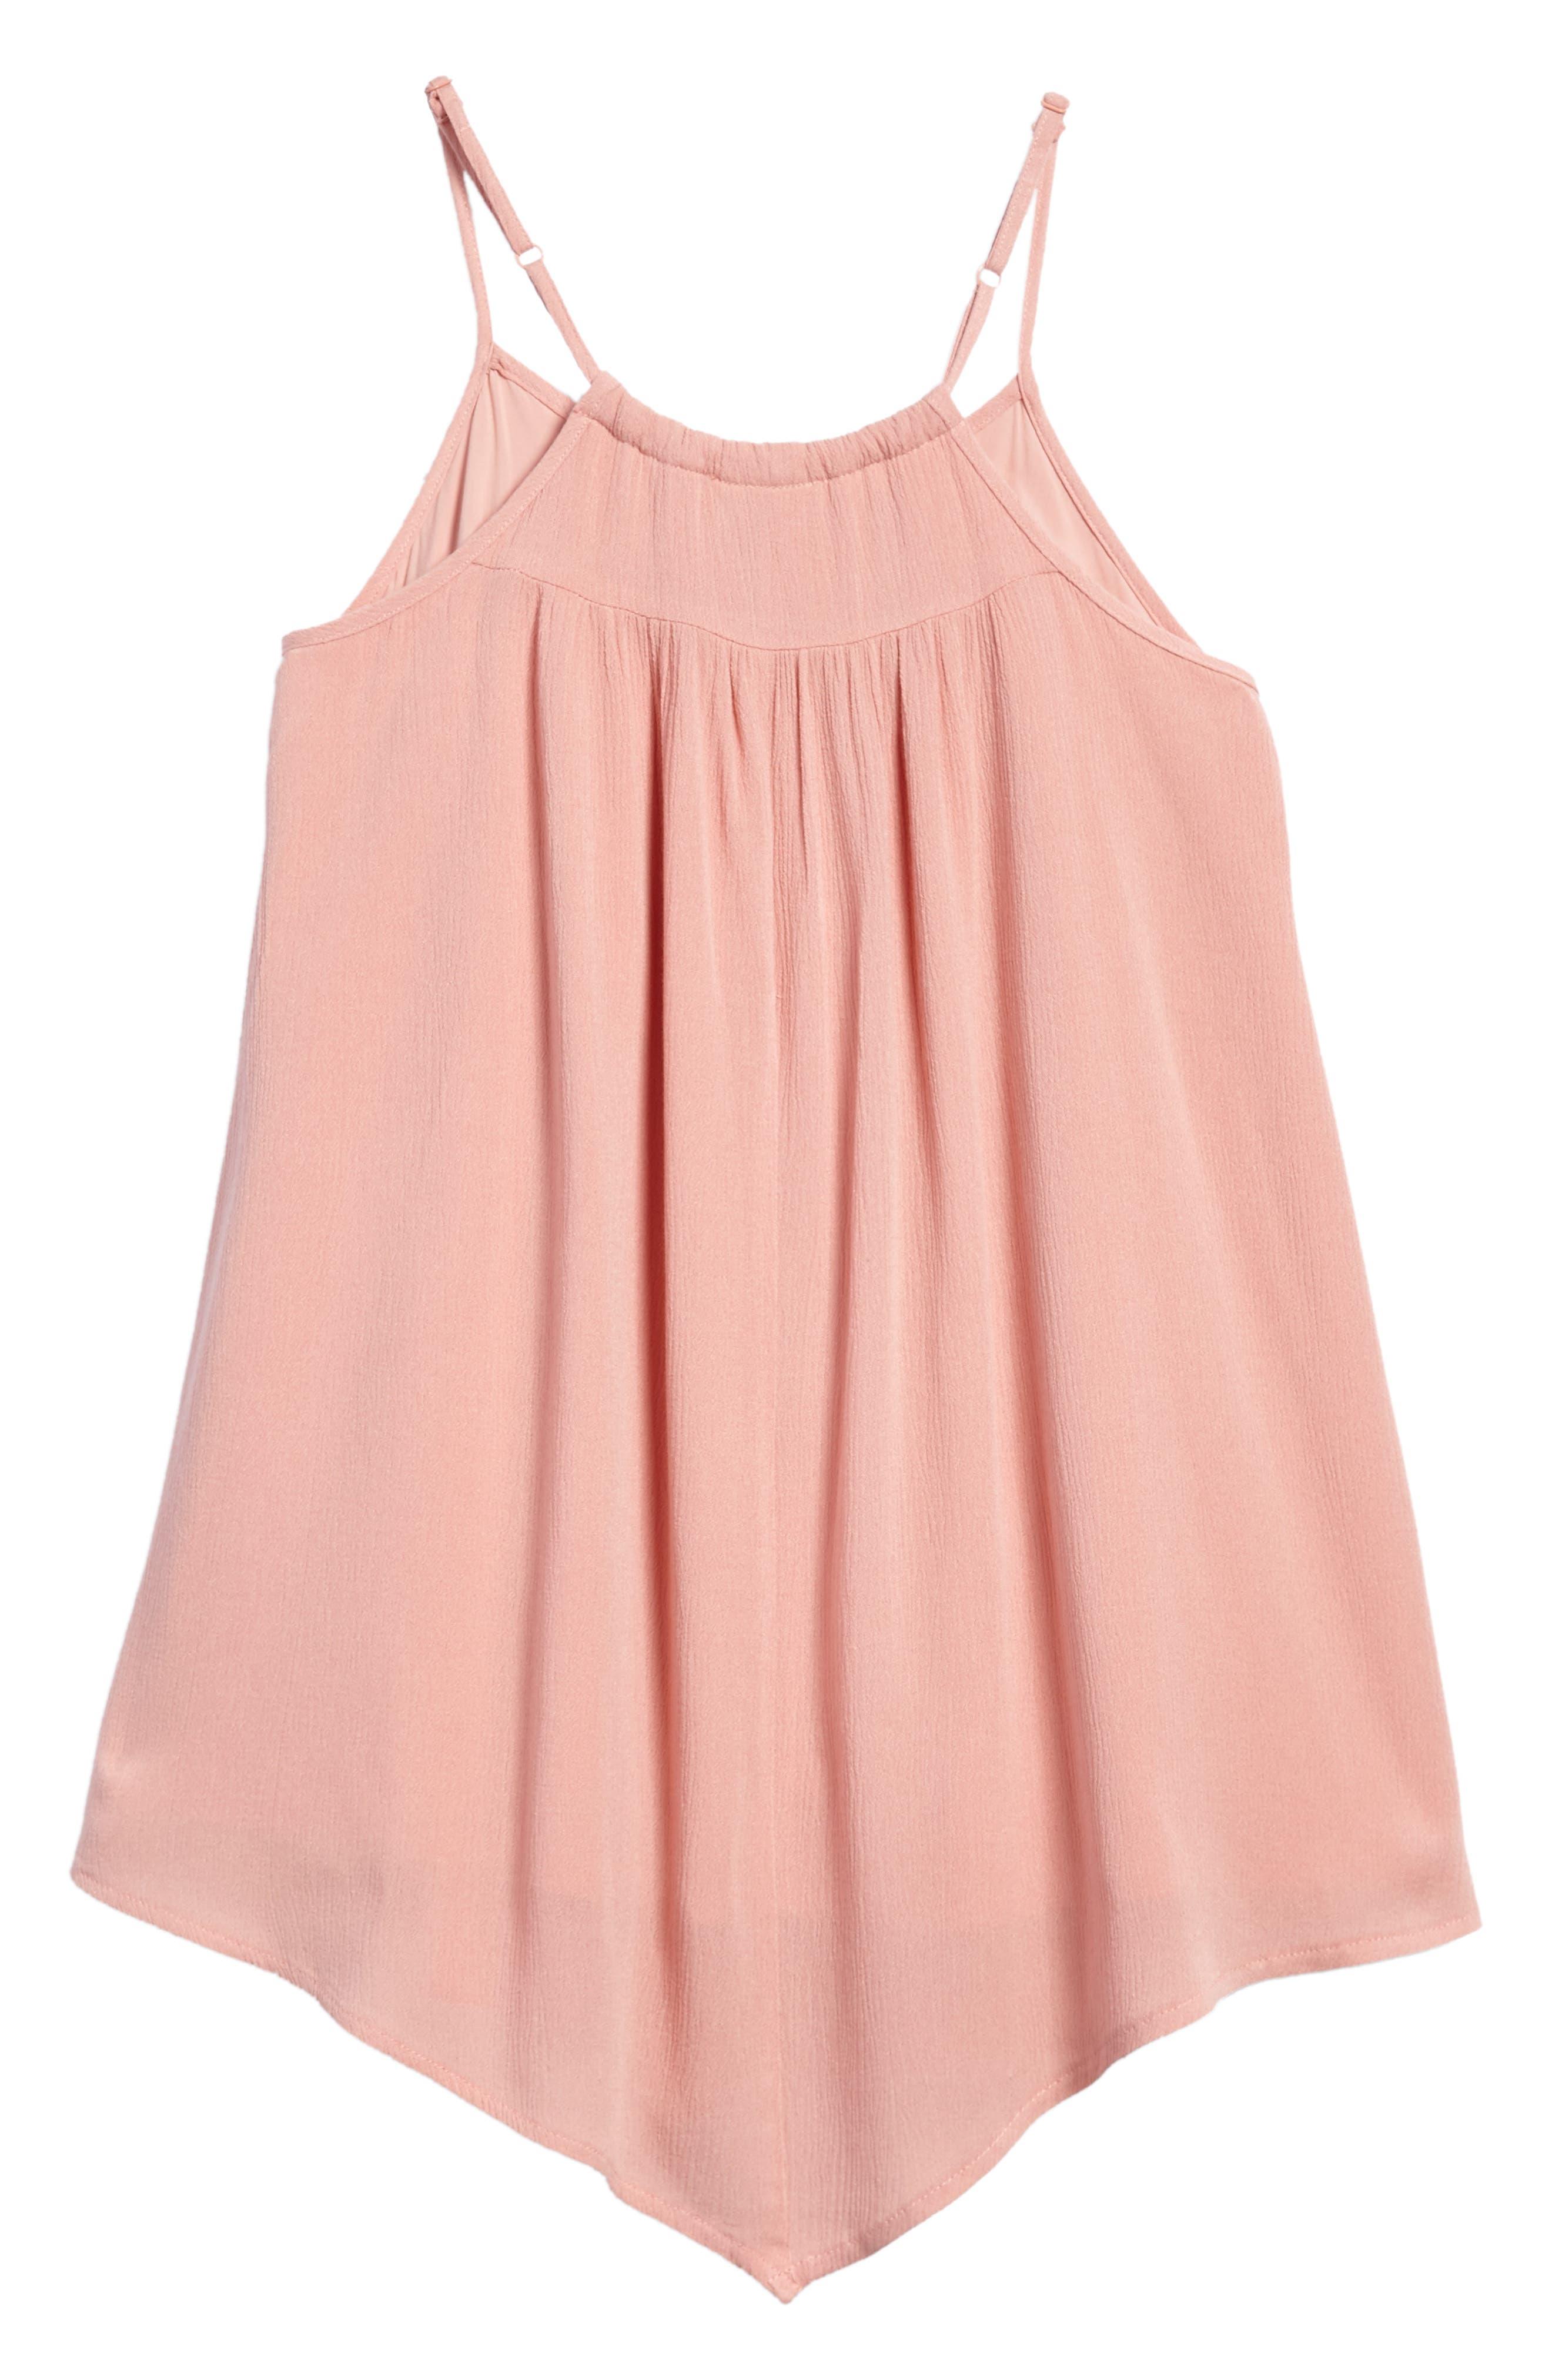 Lace Trim Trapeze Dress,                             Alternate thumbnail 2, color,                             950